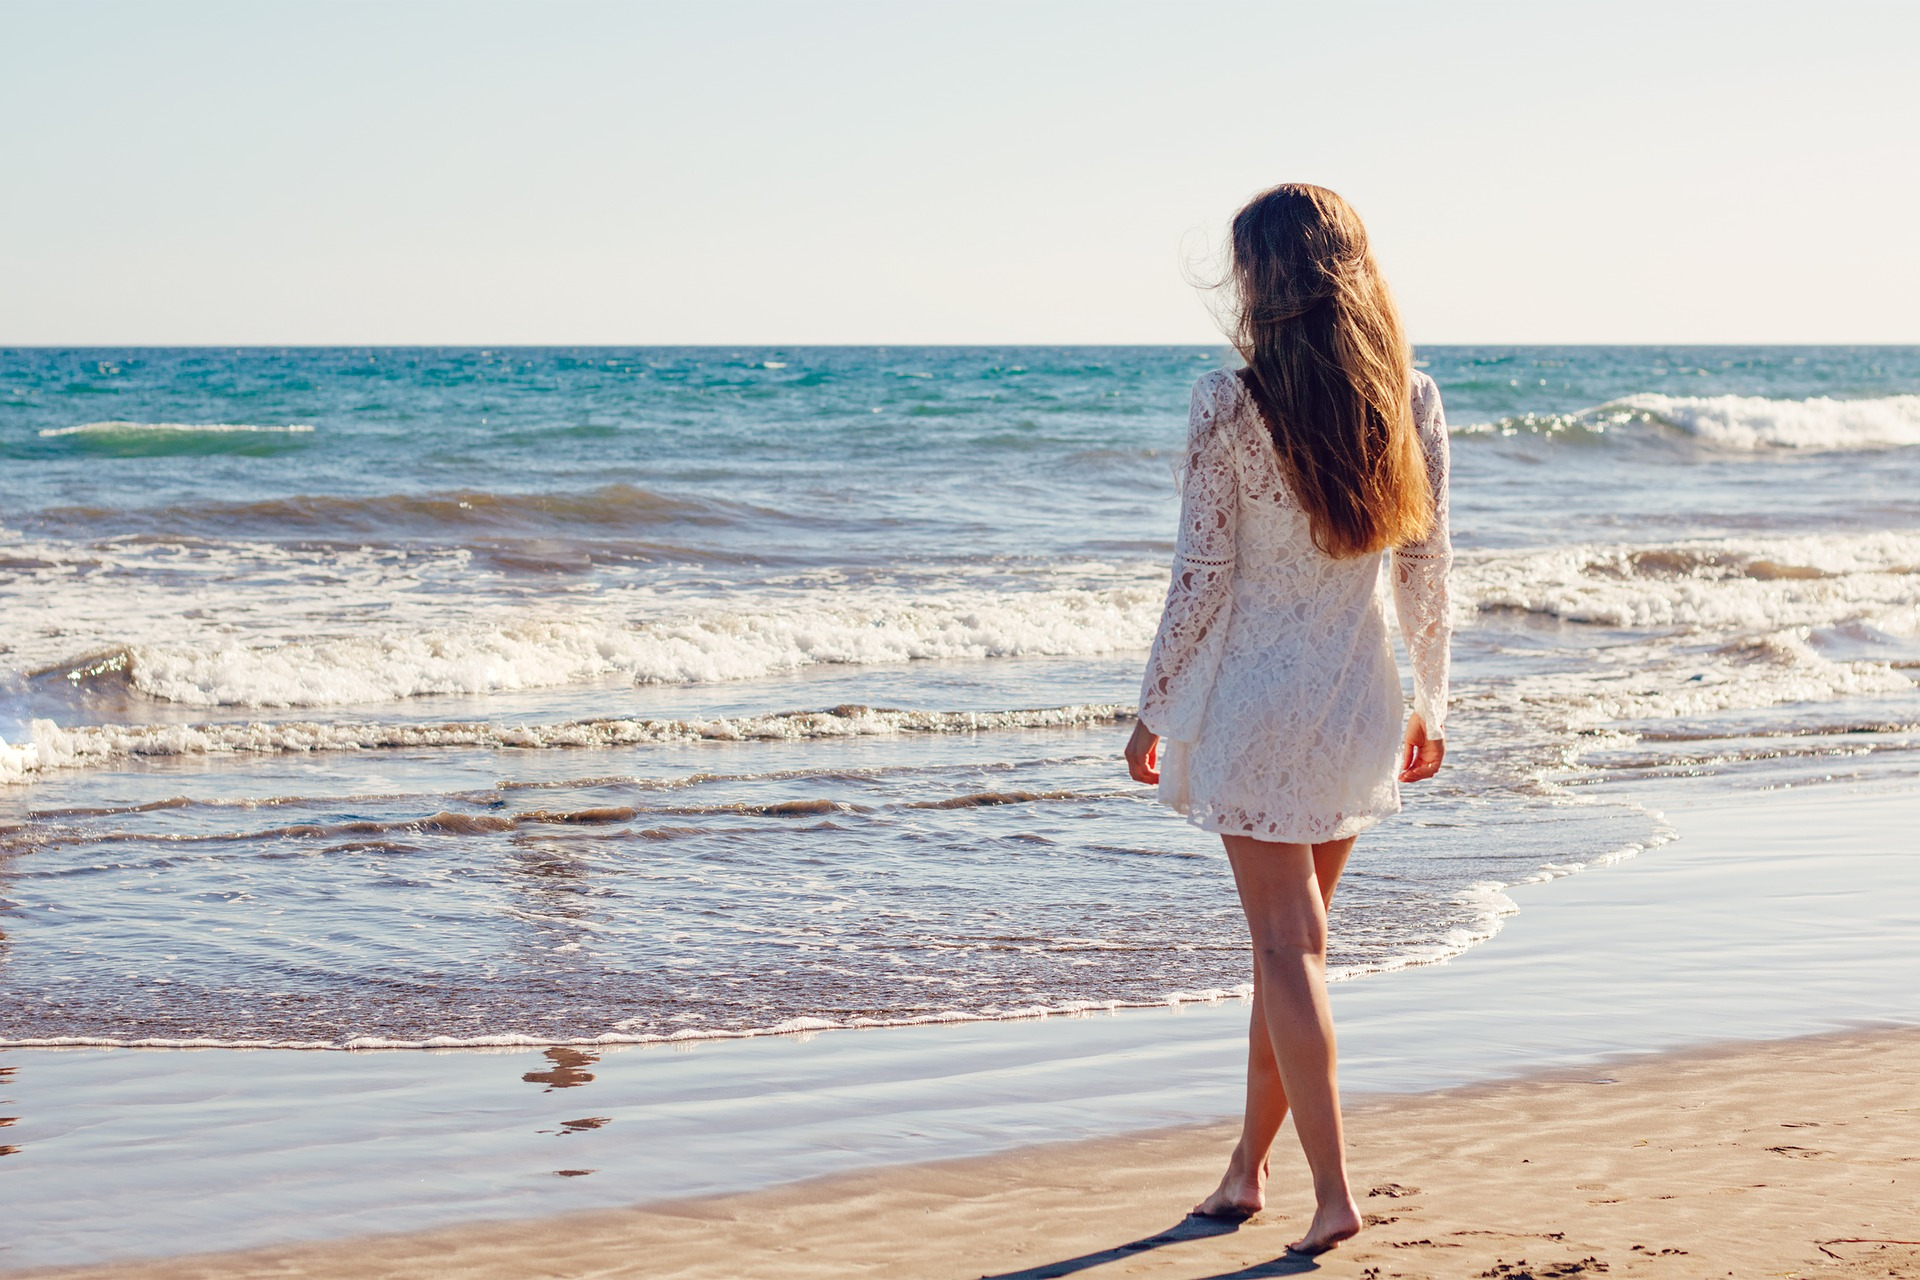 La cellulite, prima di essere un inestetismo, è un attributo di femminilità! -